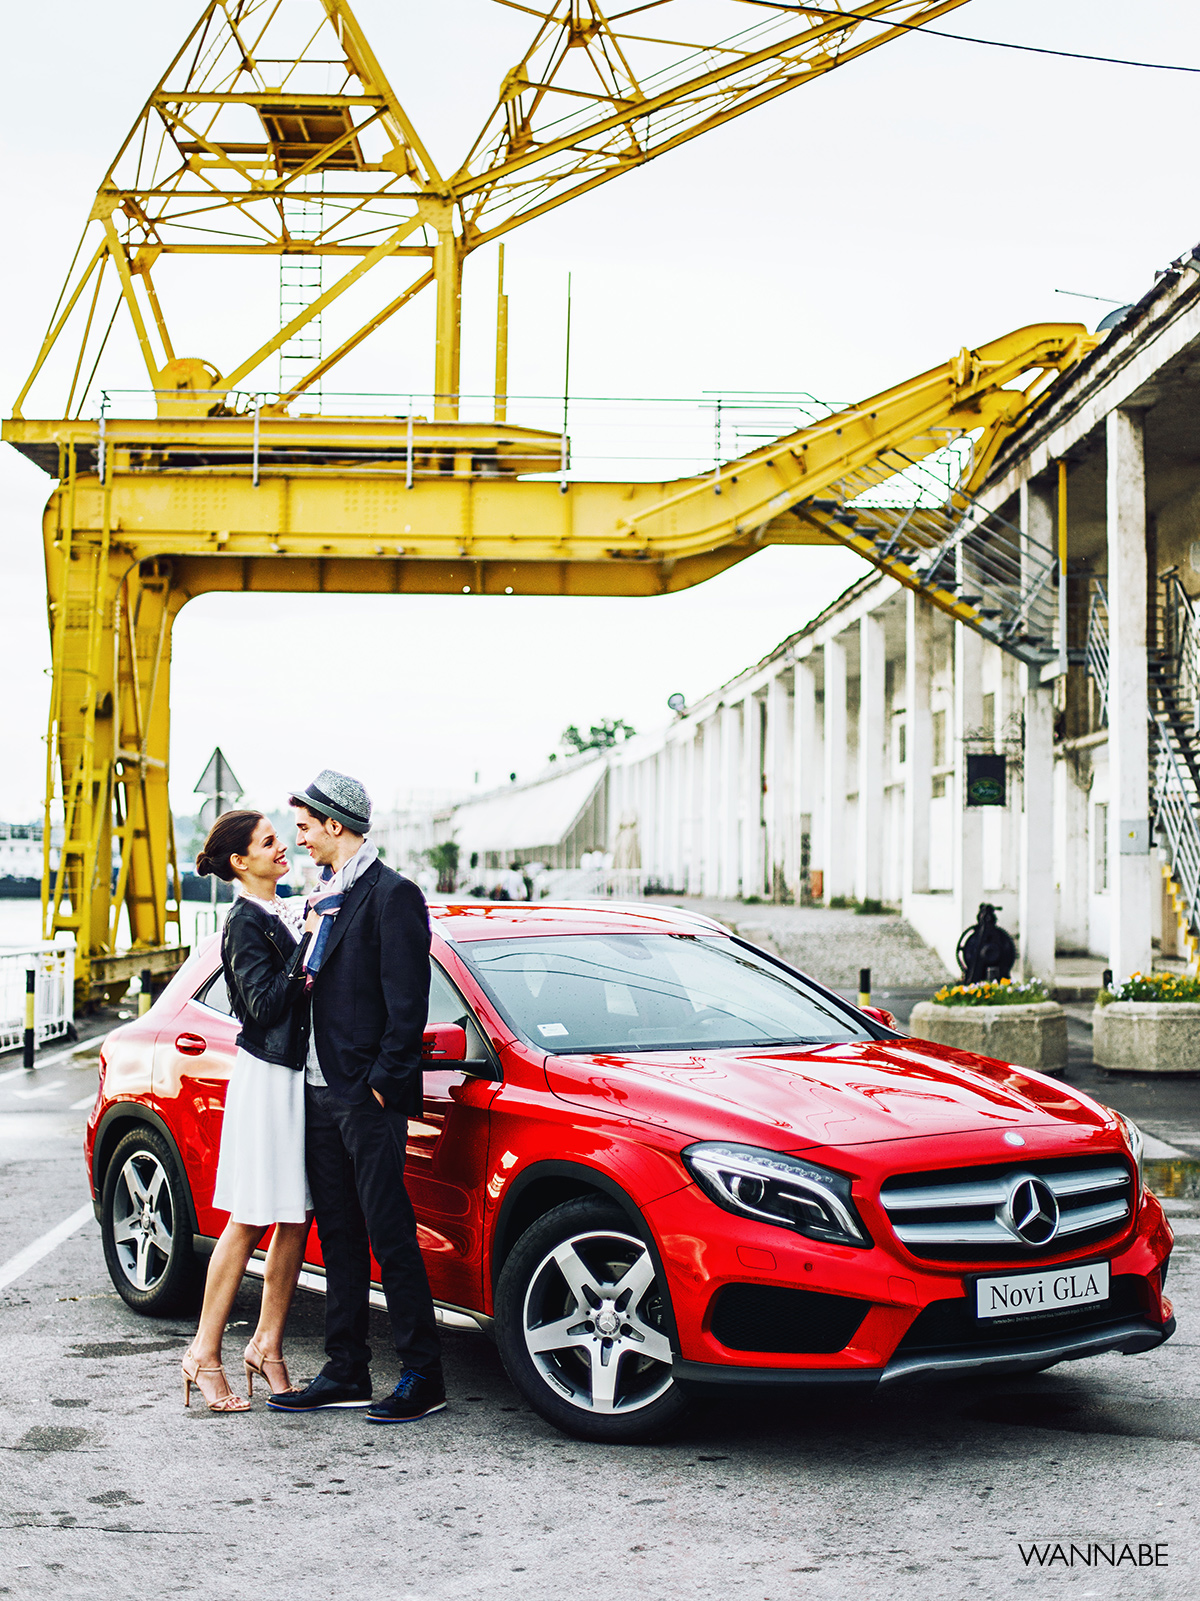 Wannabe Editorijal Maj 14 Wannabe editorijal: Love at First Sight